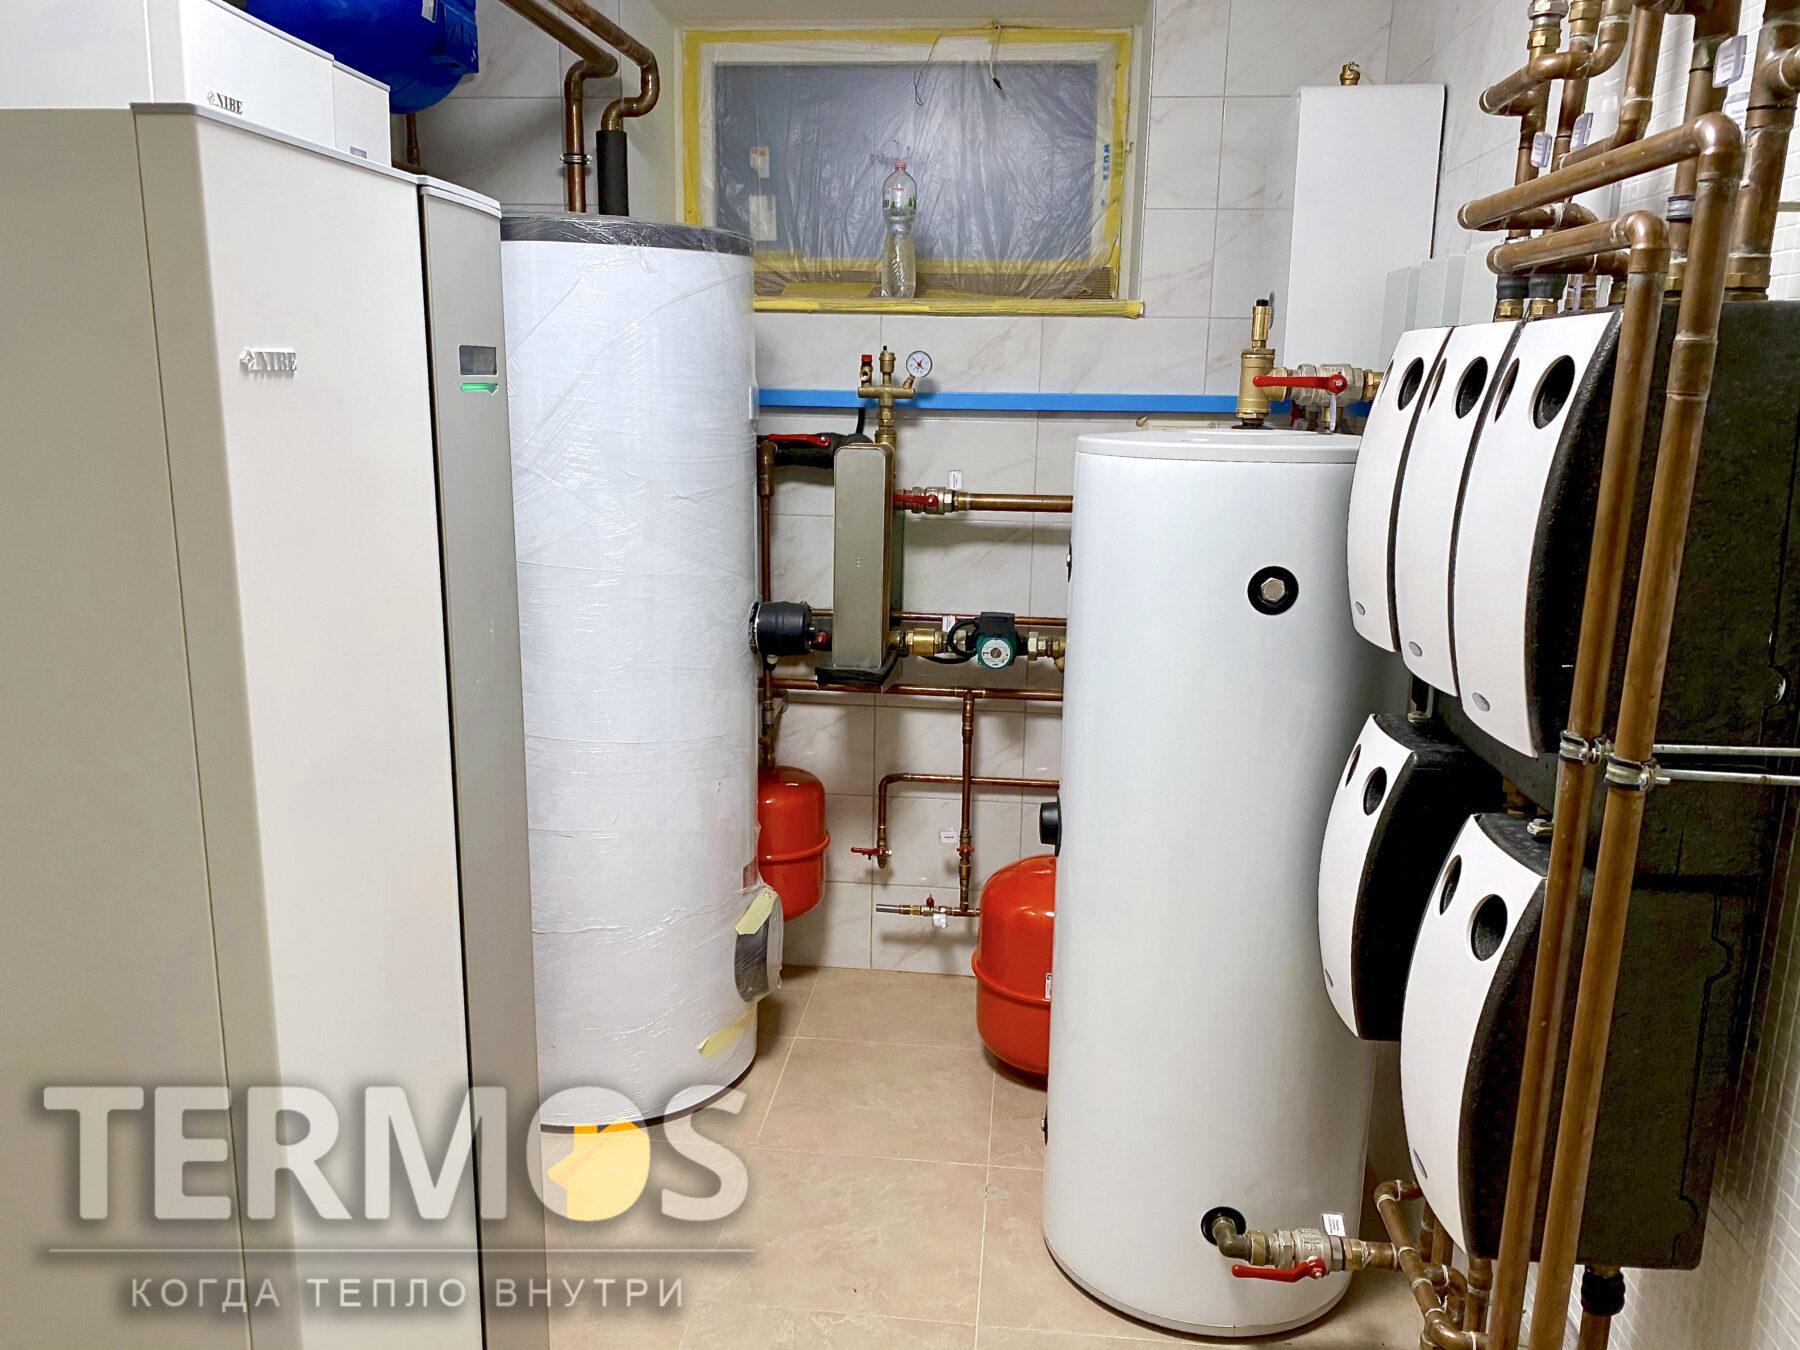 Борщаговка.  Коттедж 650 м.кв. Охлаждение дома летом обеспечивается контуром потолочных фанкойлов